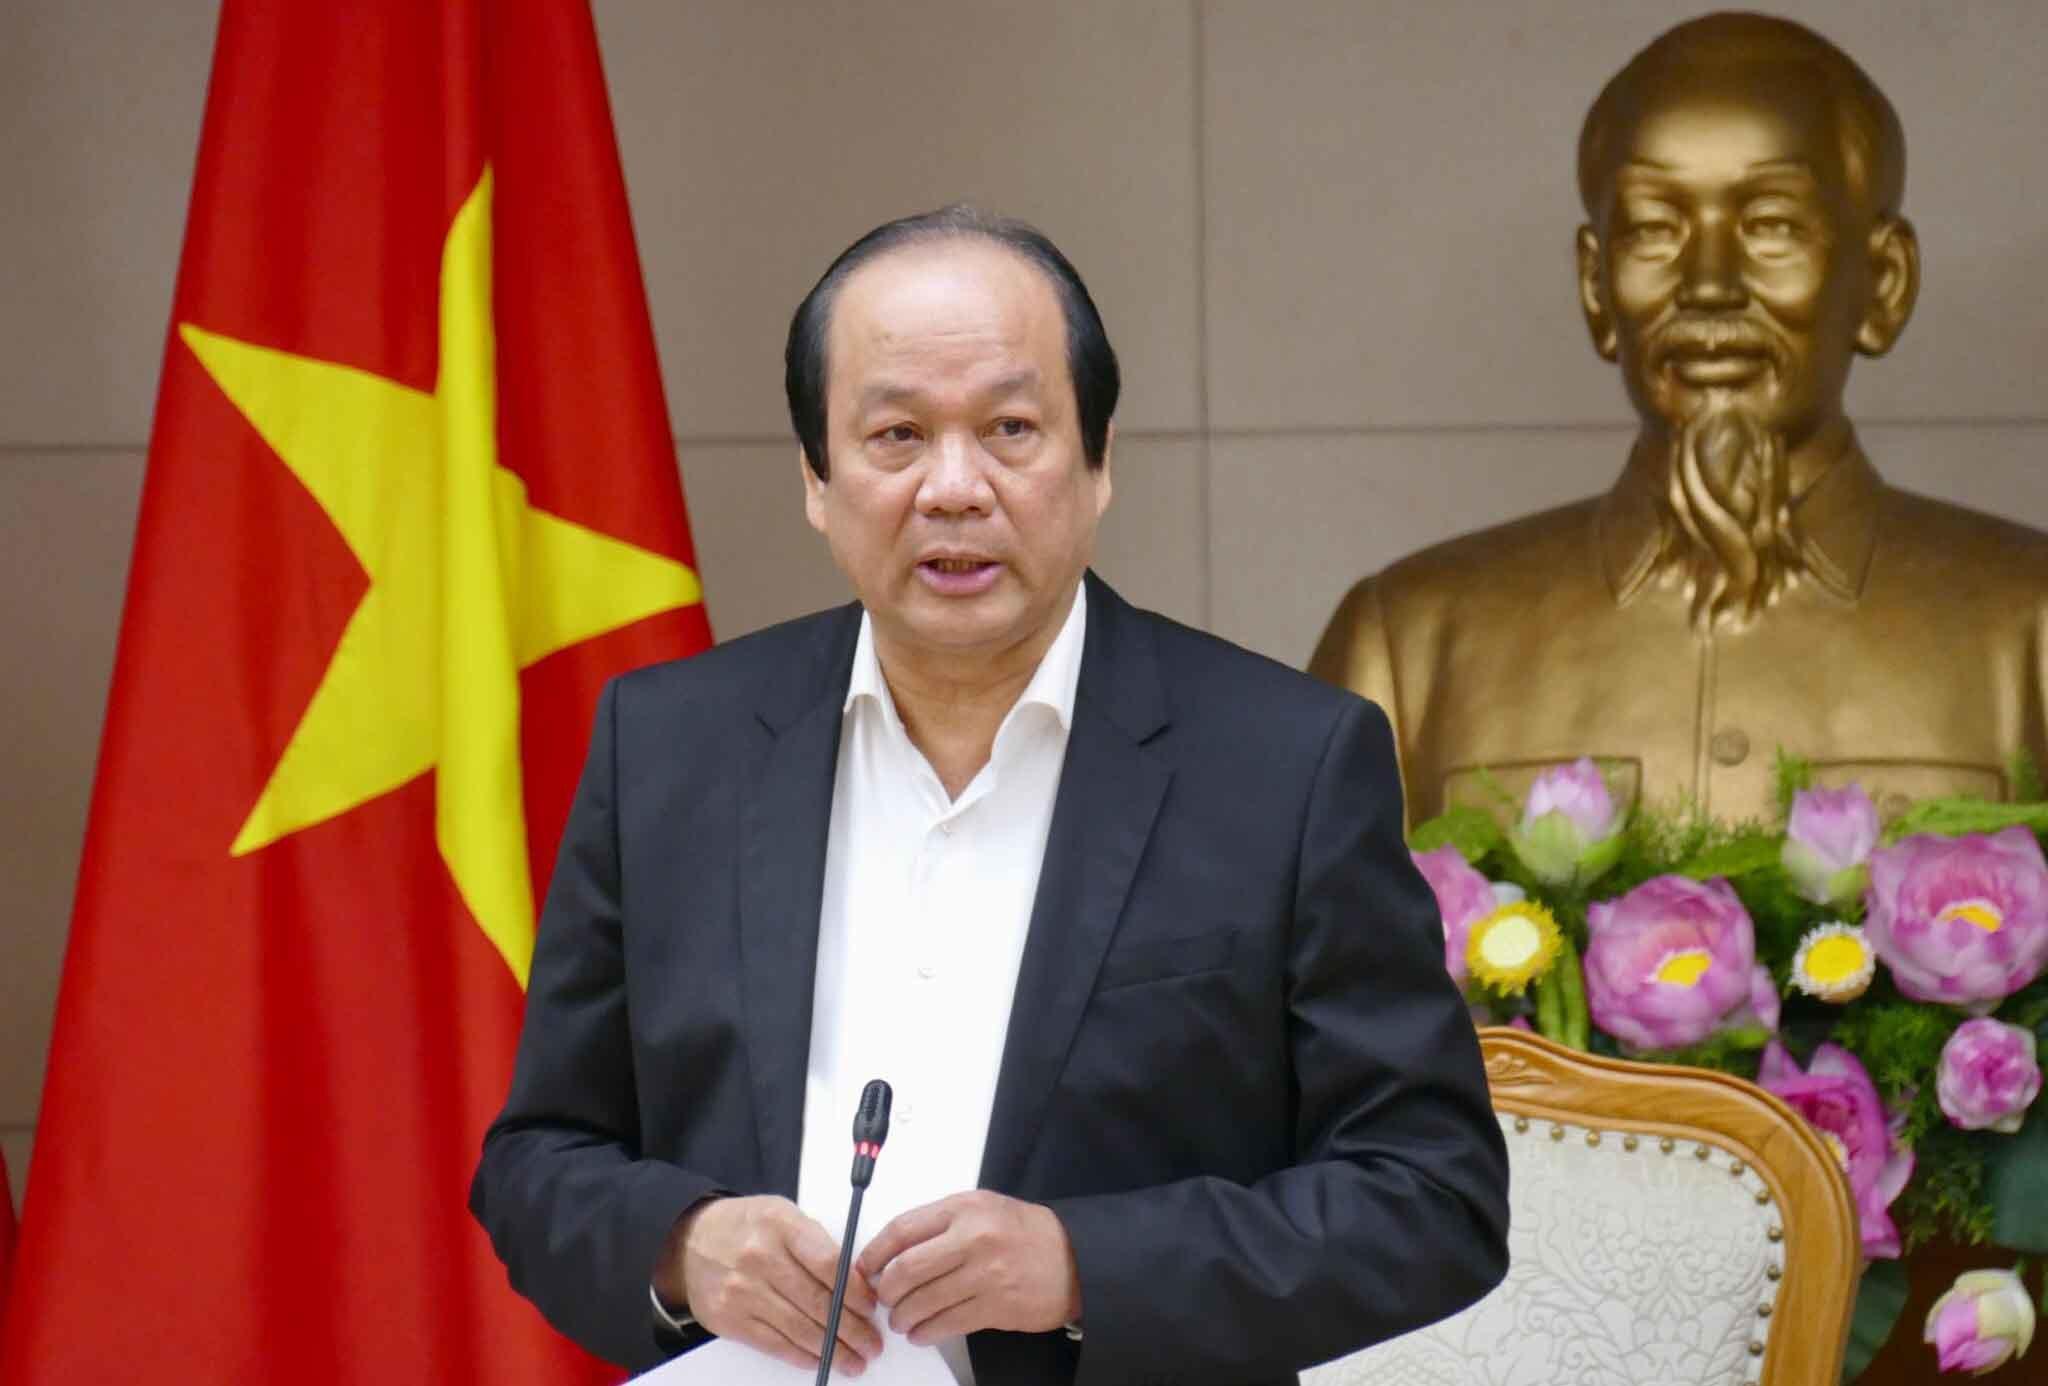 Chủ tịch Hiệp hội DNNVV đề nghị bỏ sổ hồng, sổ đỏ